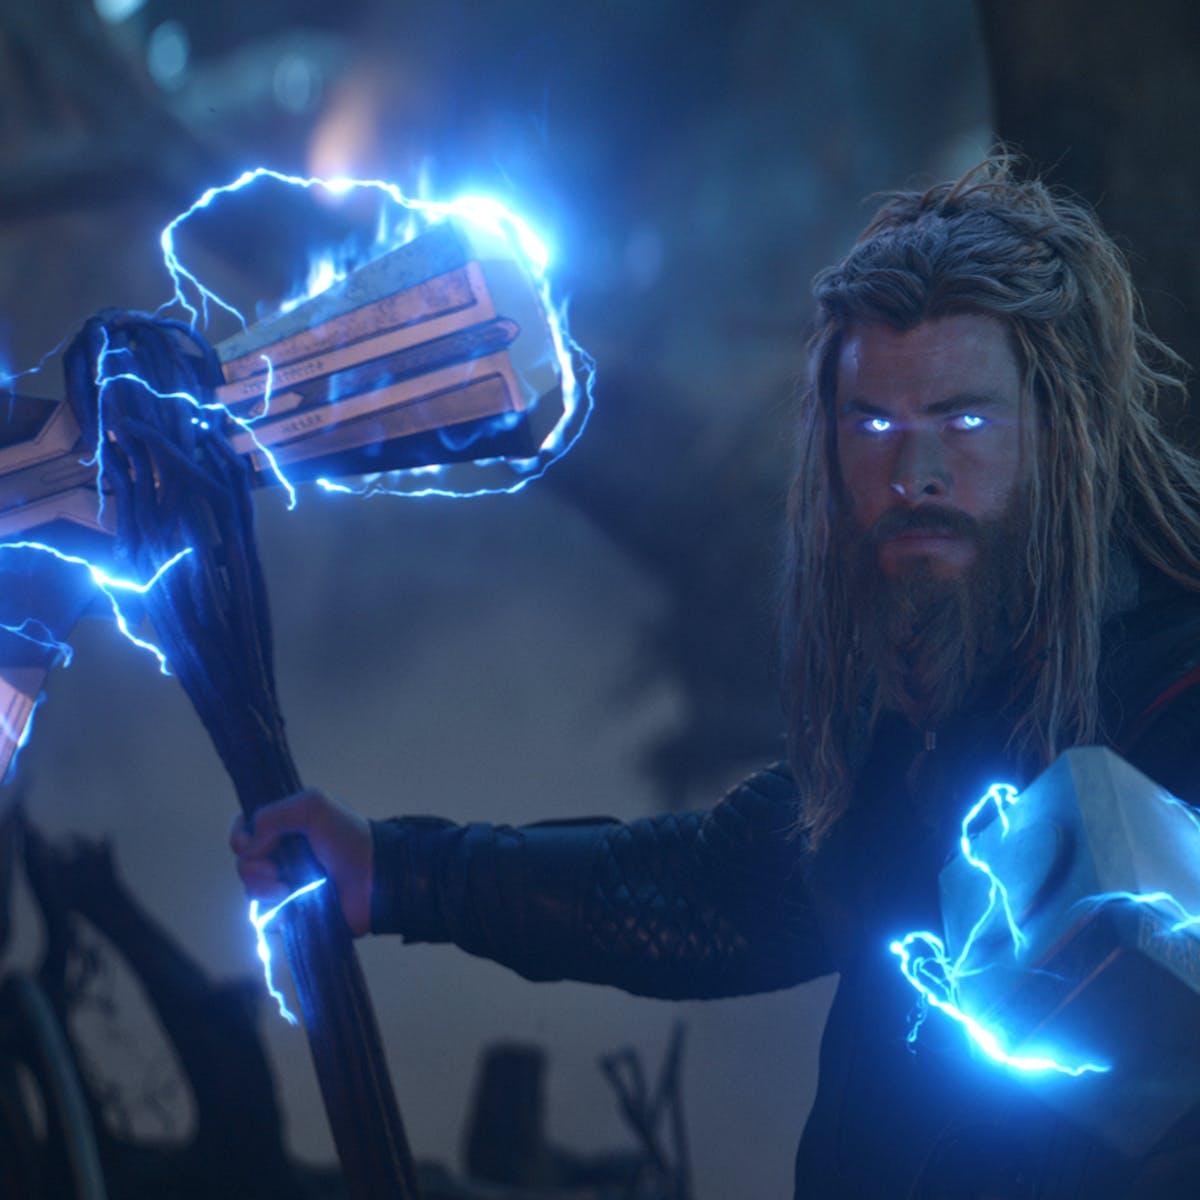 'Avengers: Endgame' script reveals a cut detail that explains Thor's misery